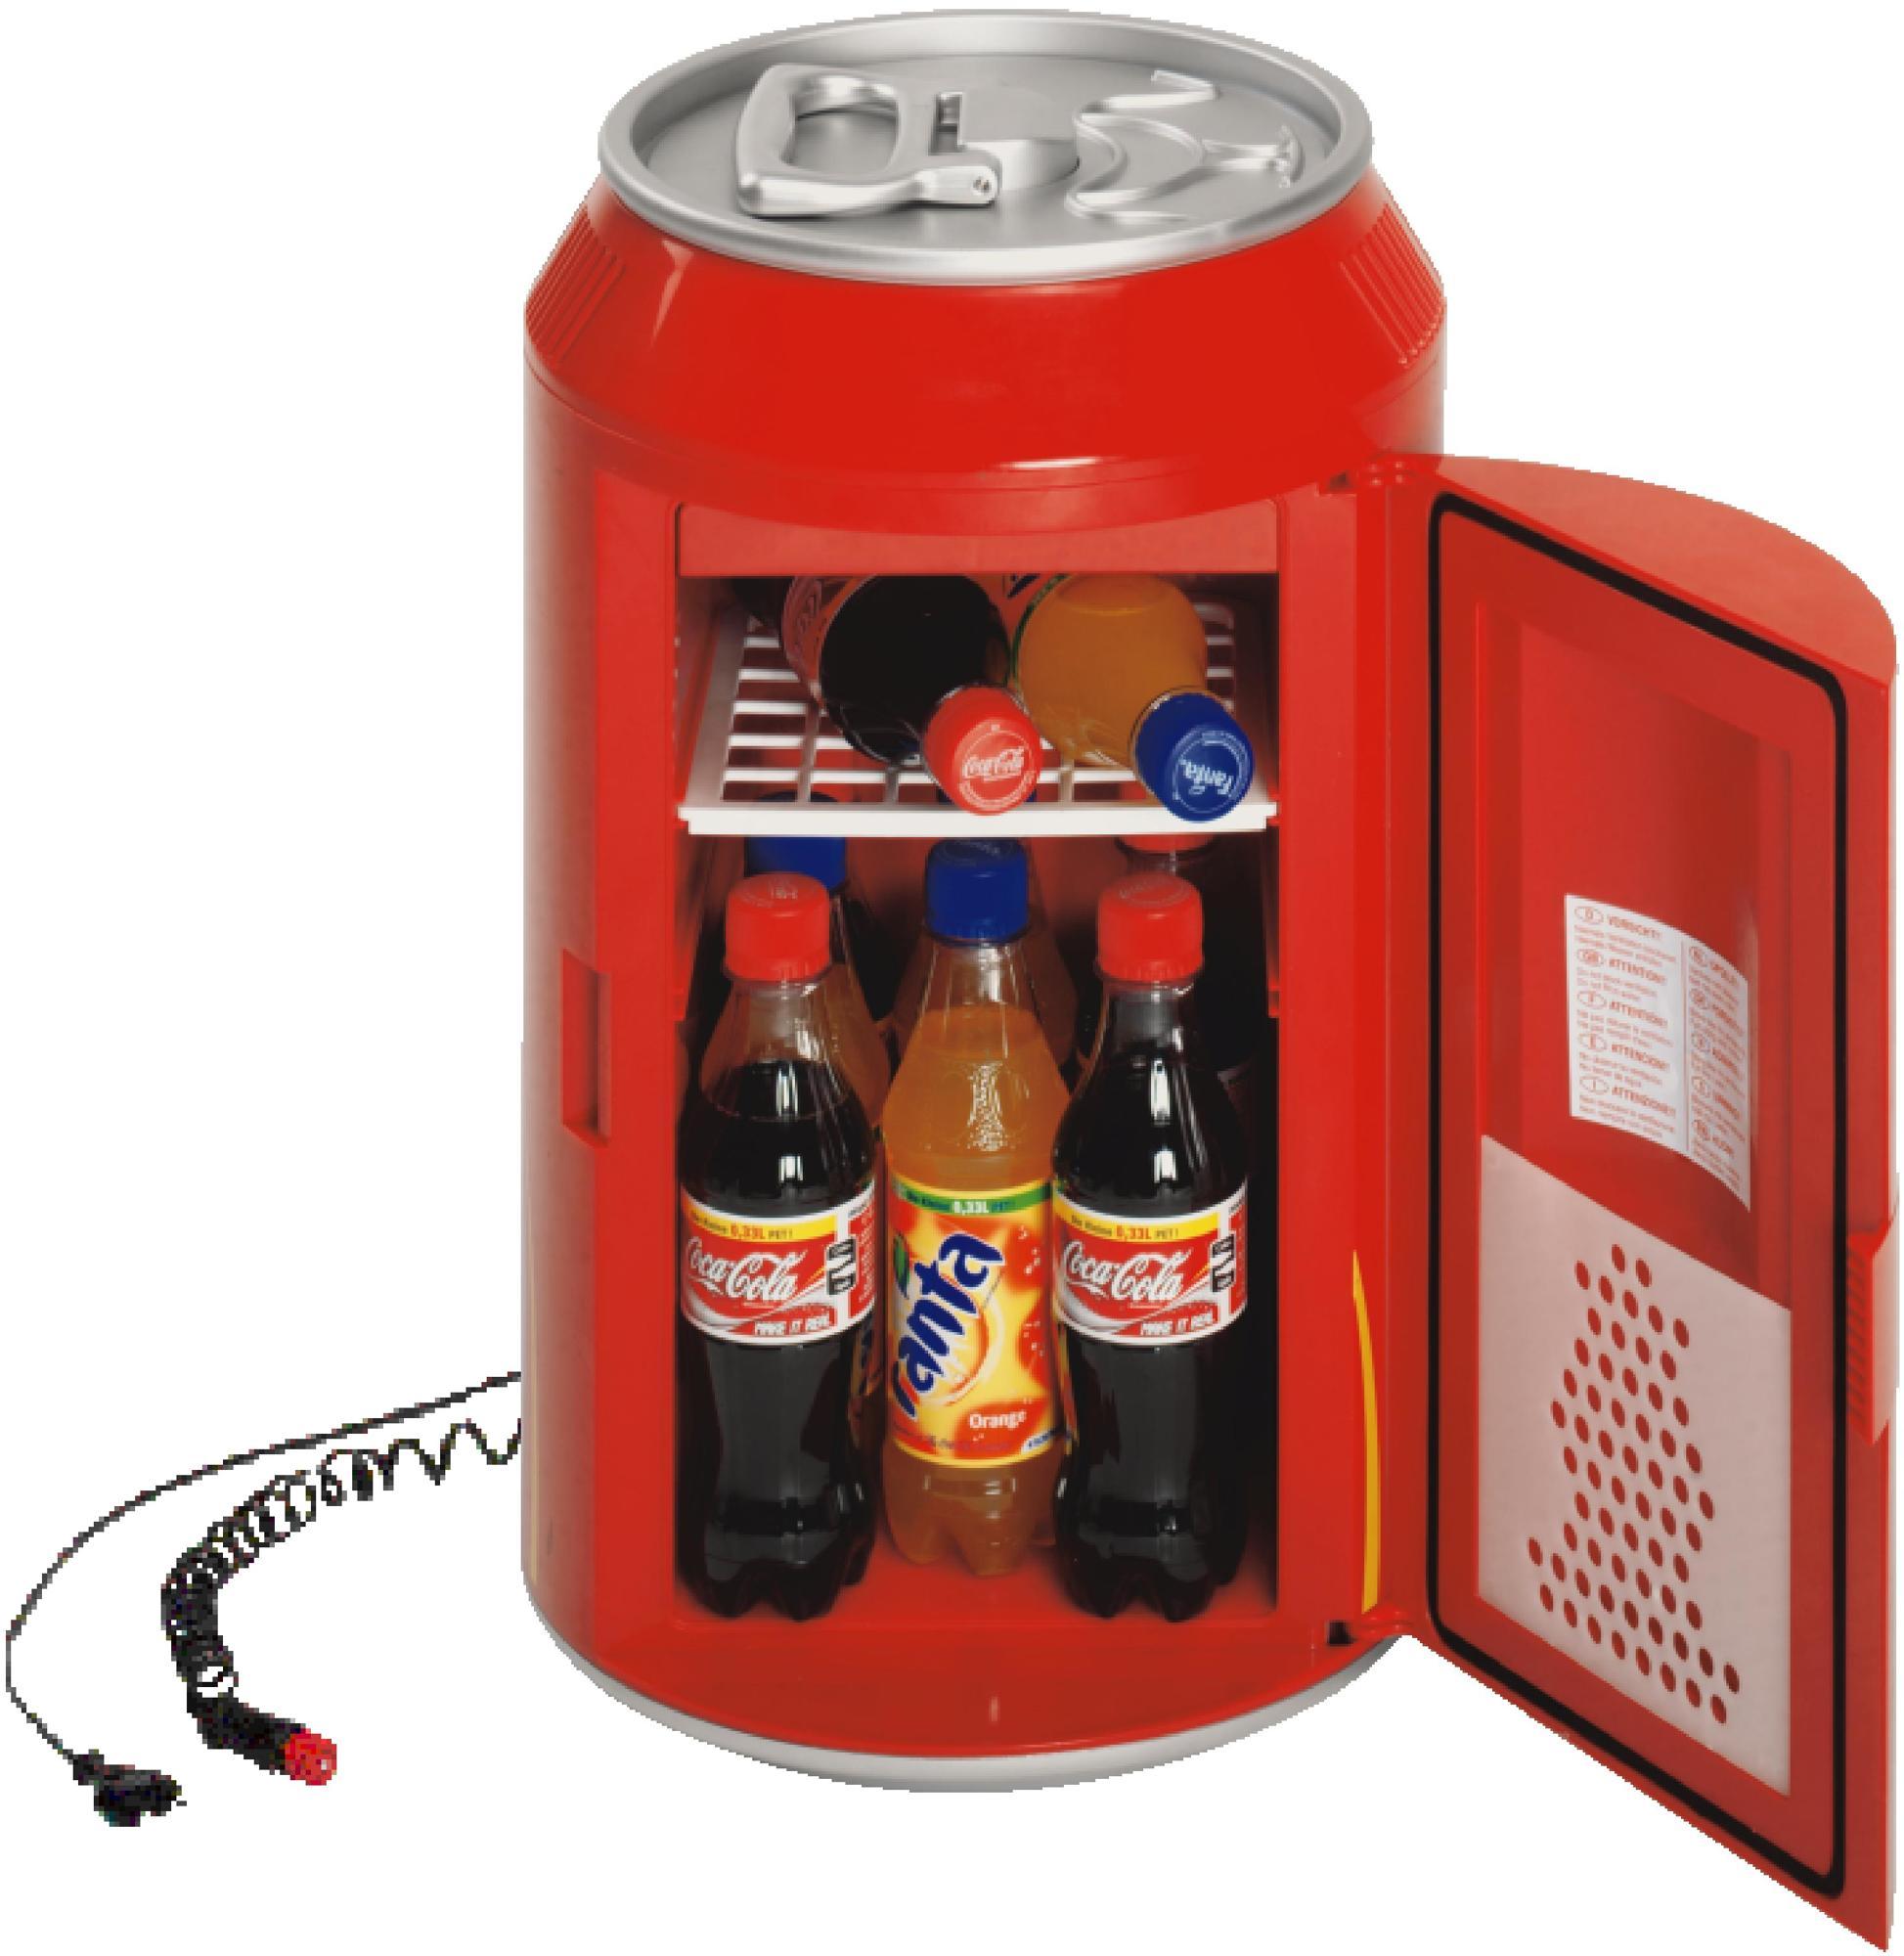 Tolle Minikühlschrank Kaufen Fotos - Die Kinderzimmer Design Ideen ...